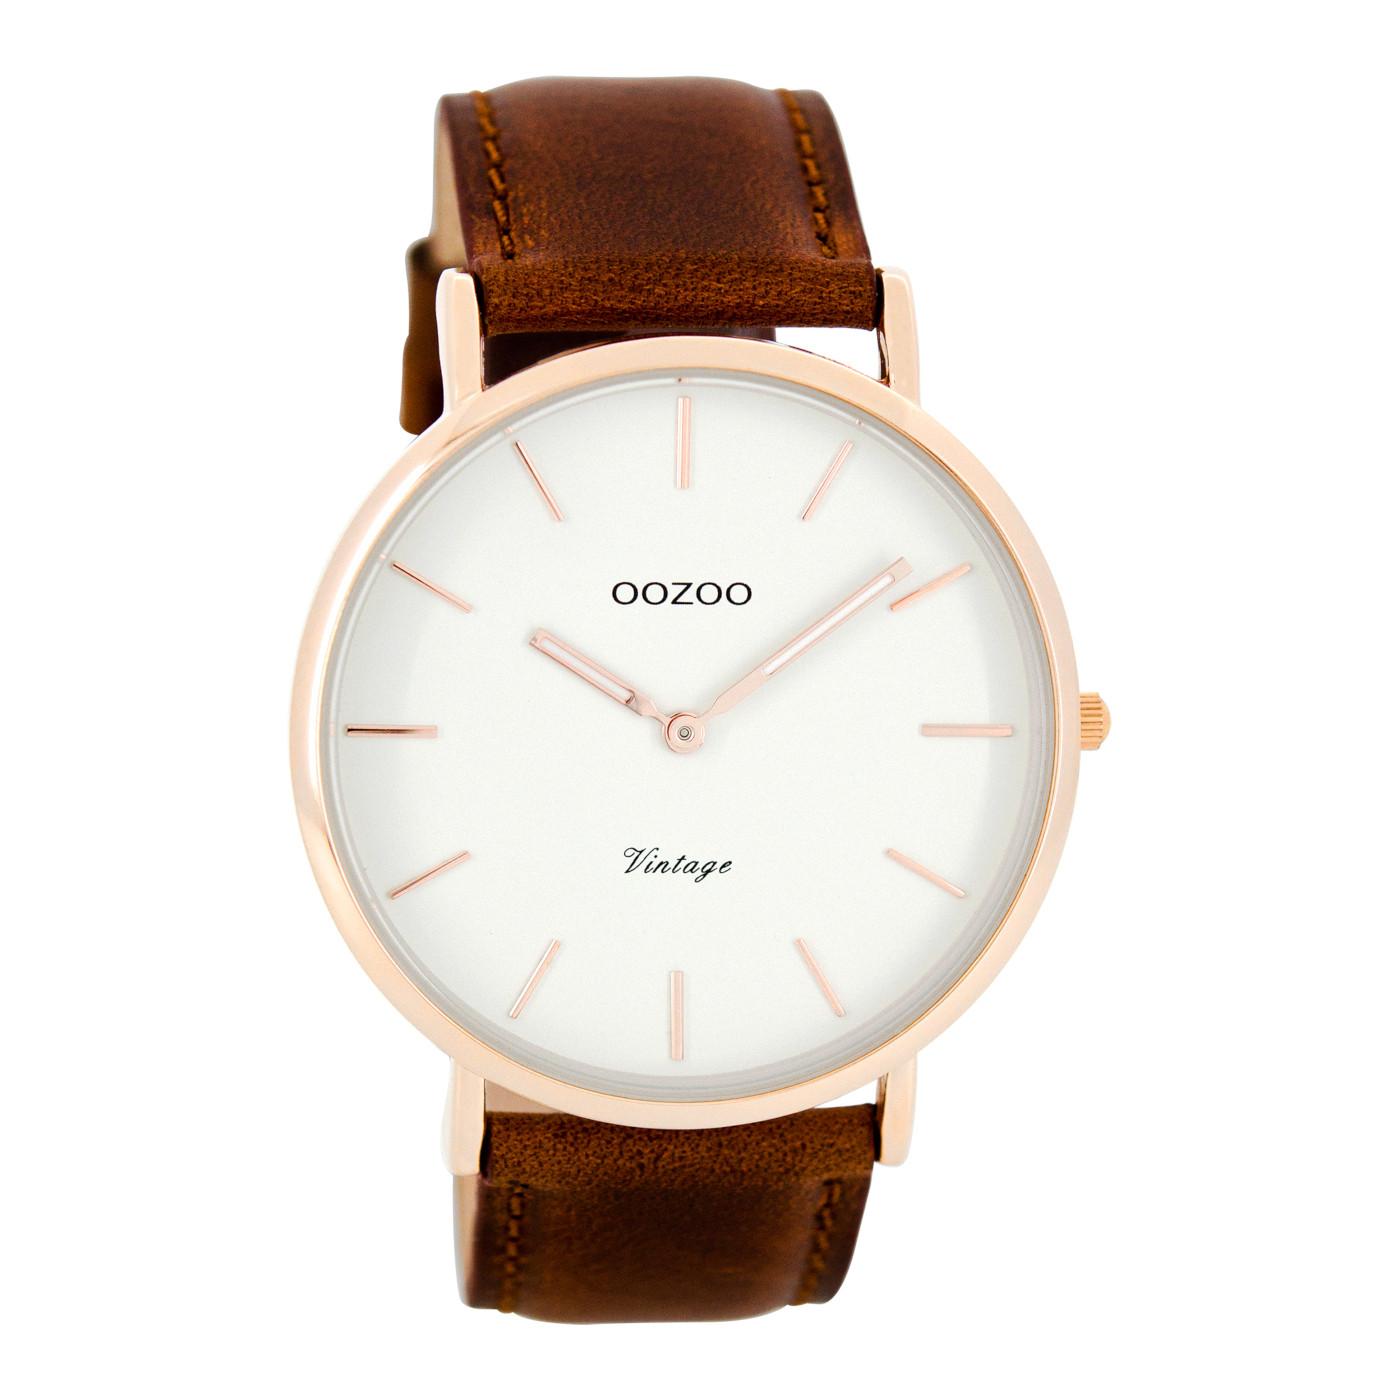 238b430f432 OOZOO Vintage horloge Bruin/Wit C7756 (44 mm)